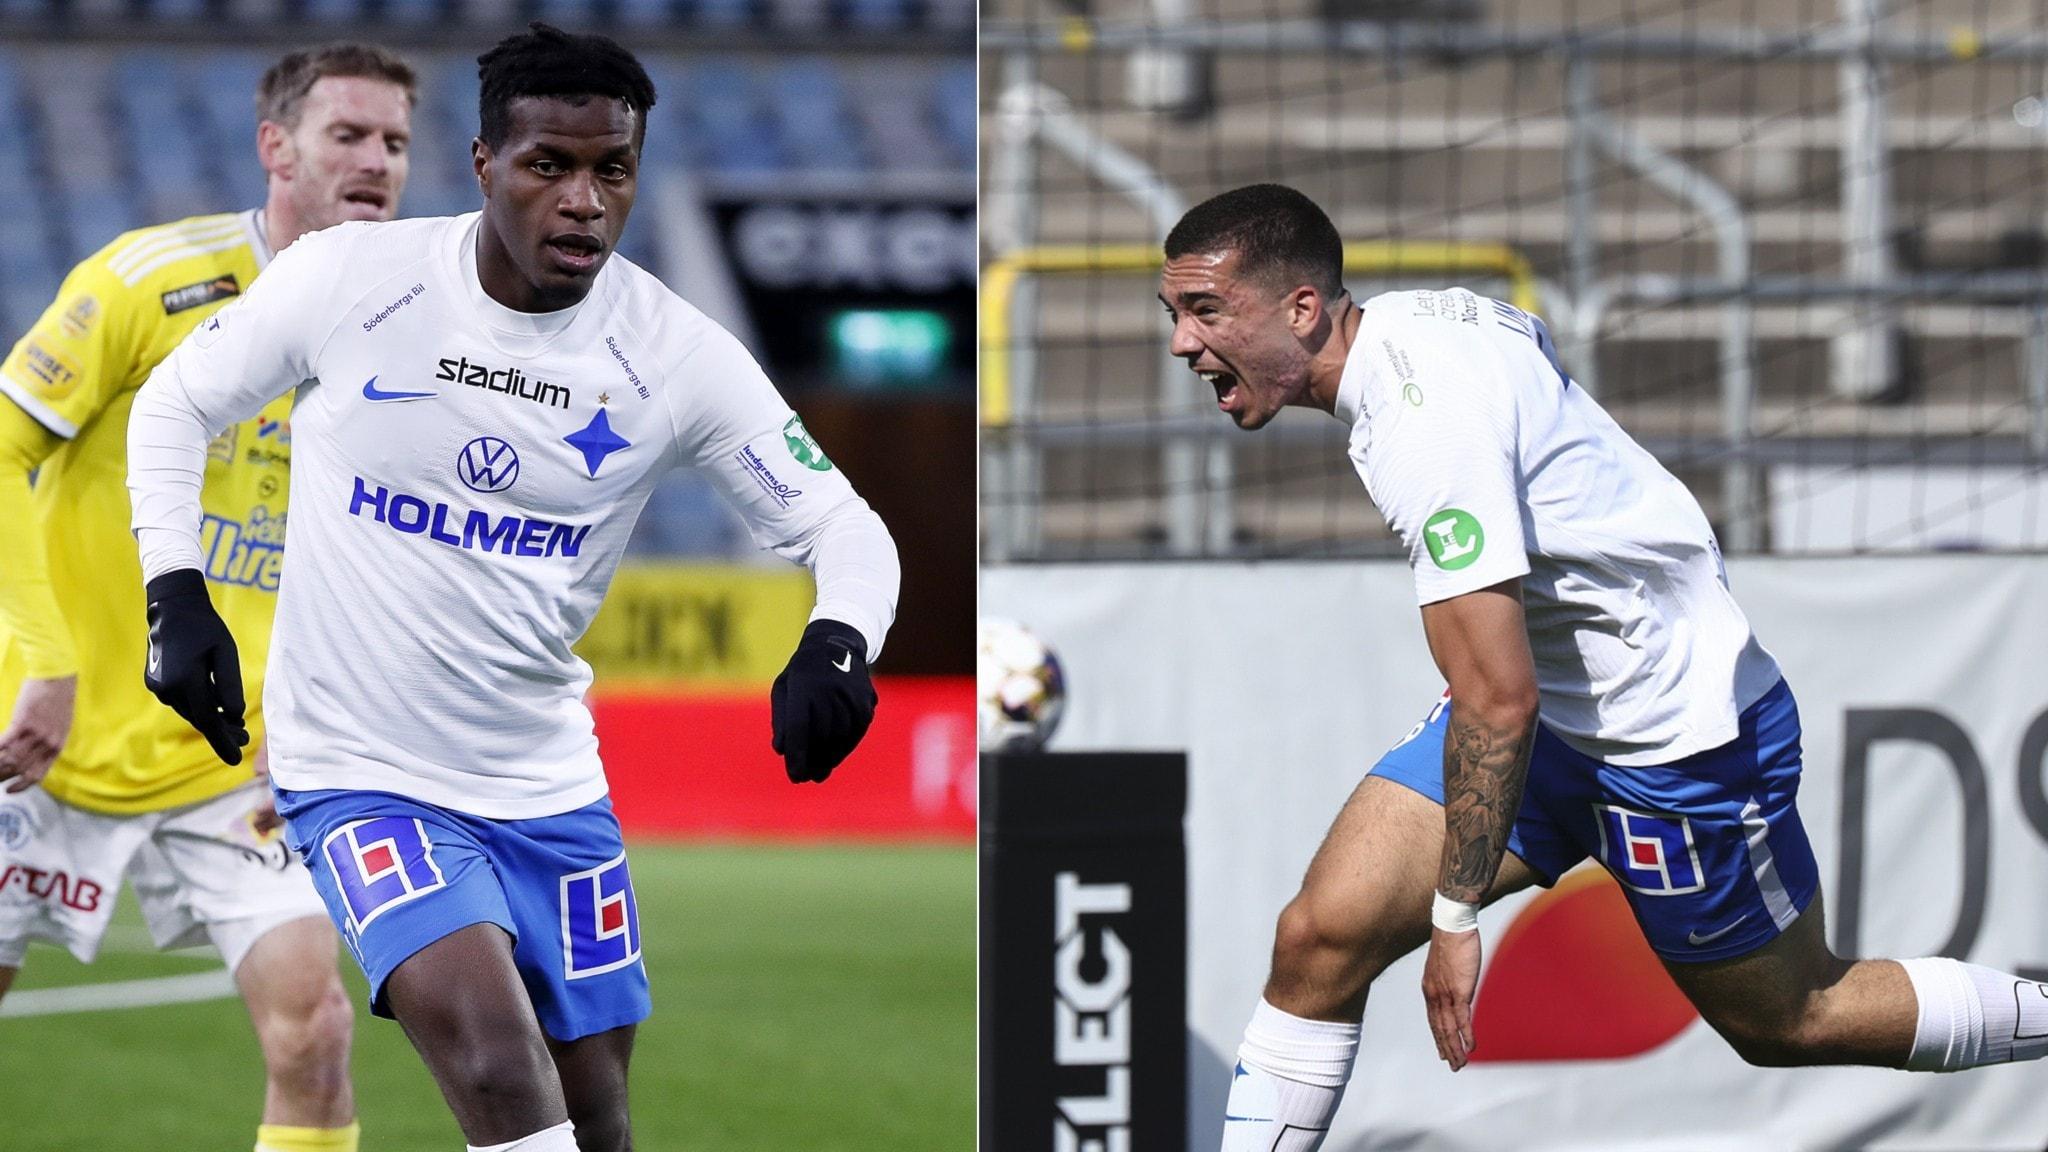 Östers IF lånar in två allsvenska spelare